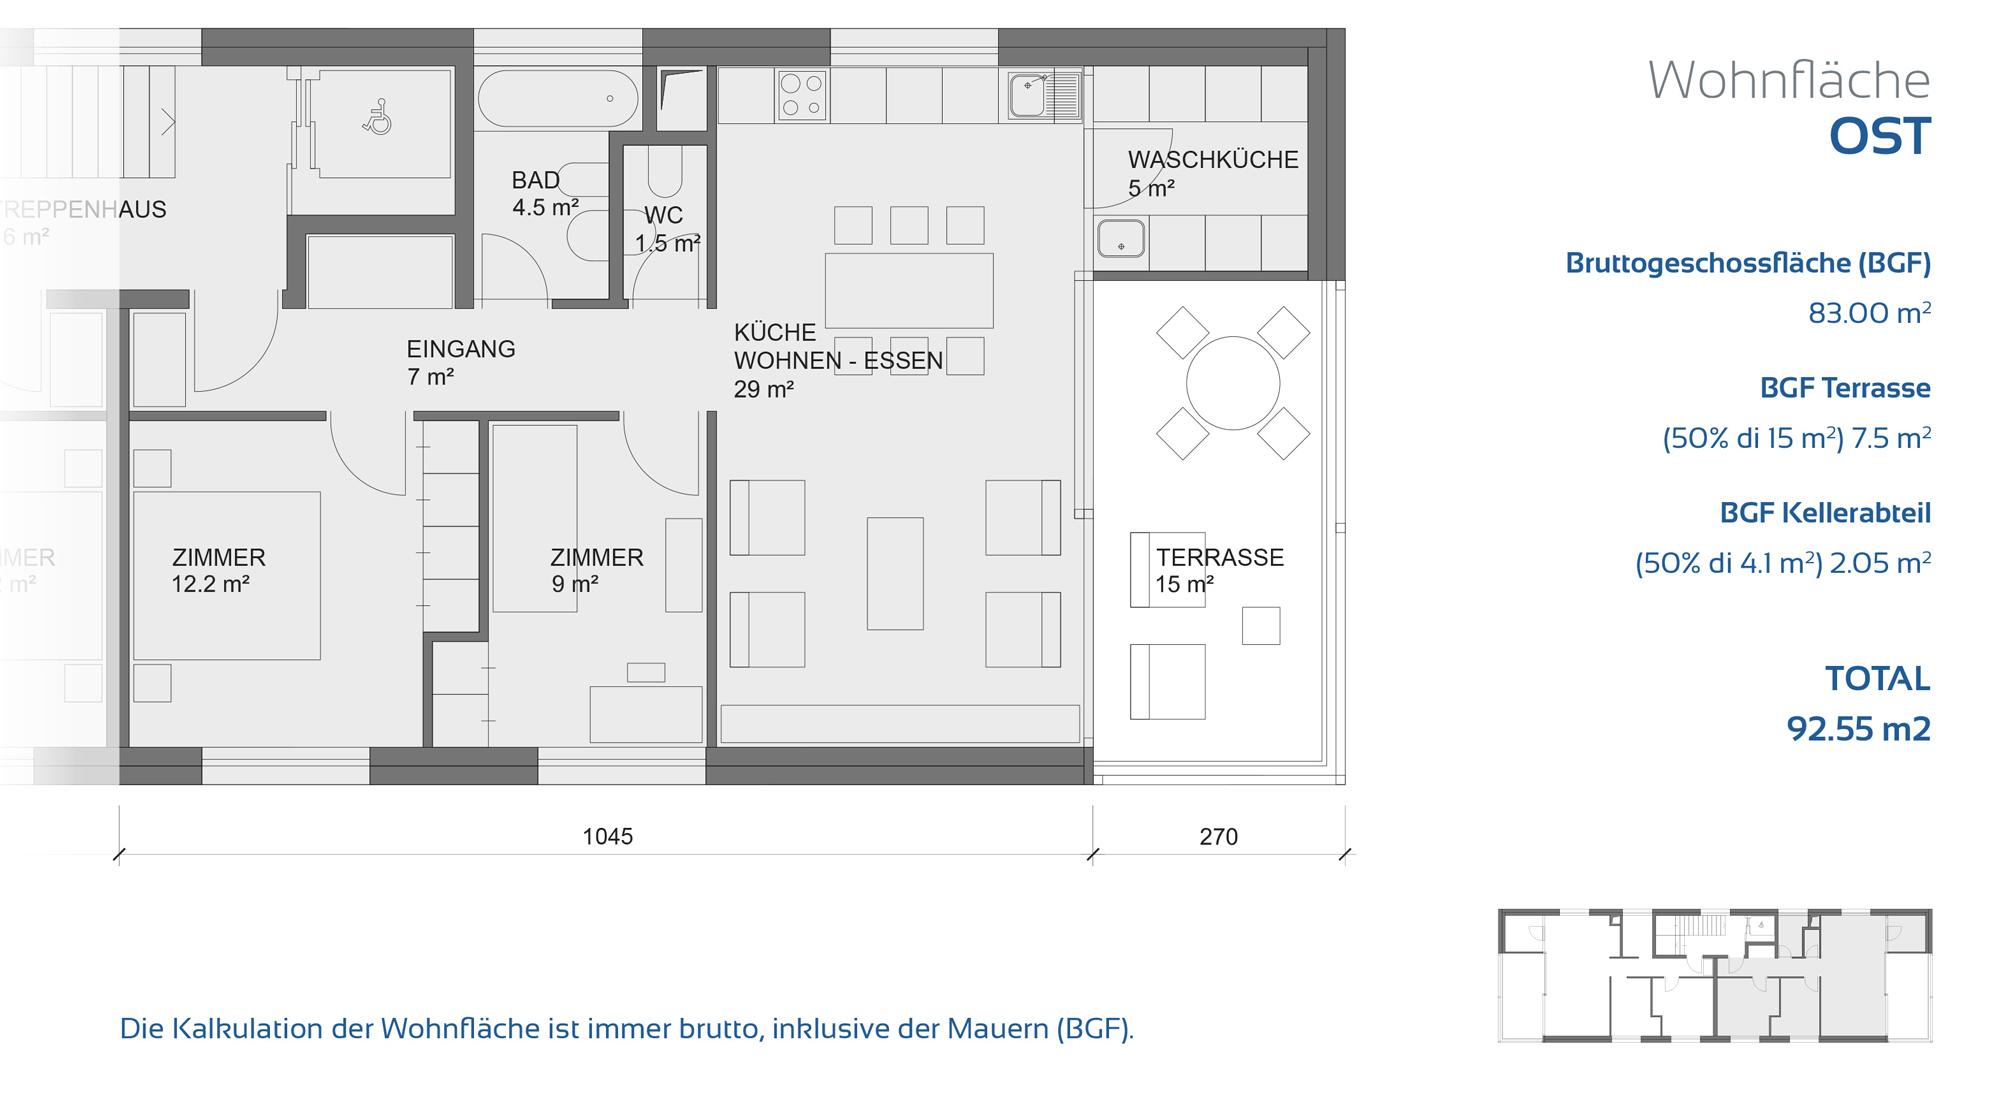 Wohnfläche | Jtleigh.com - Hausgestaltung Ideen